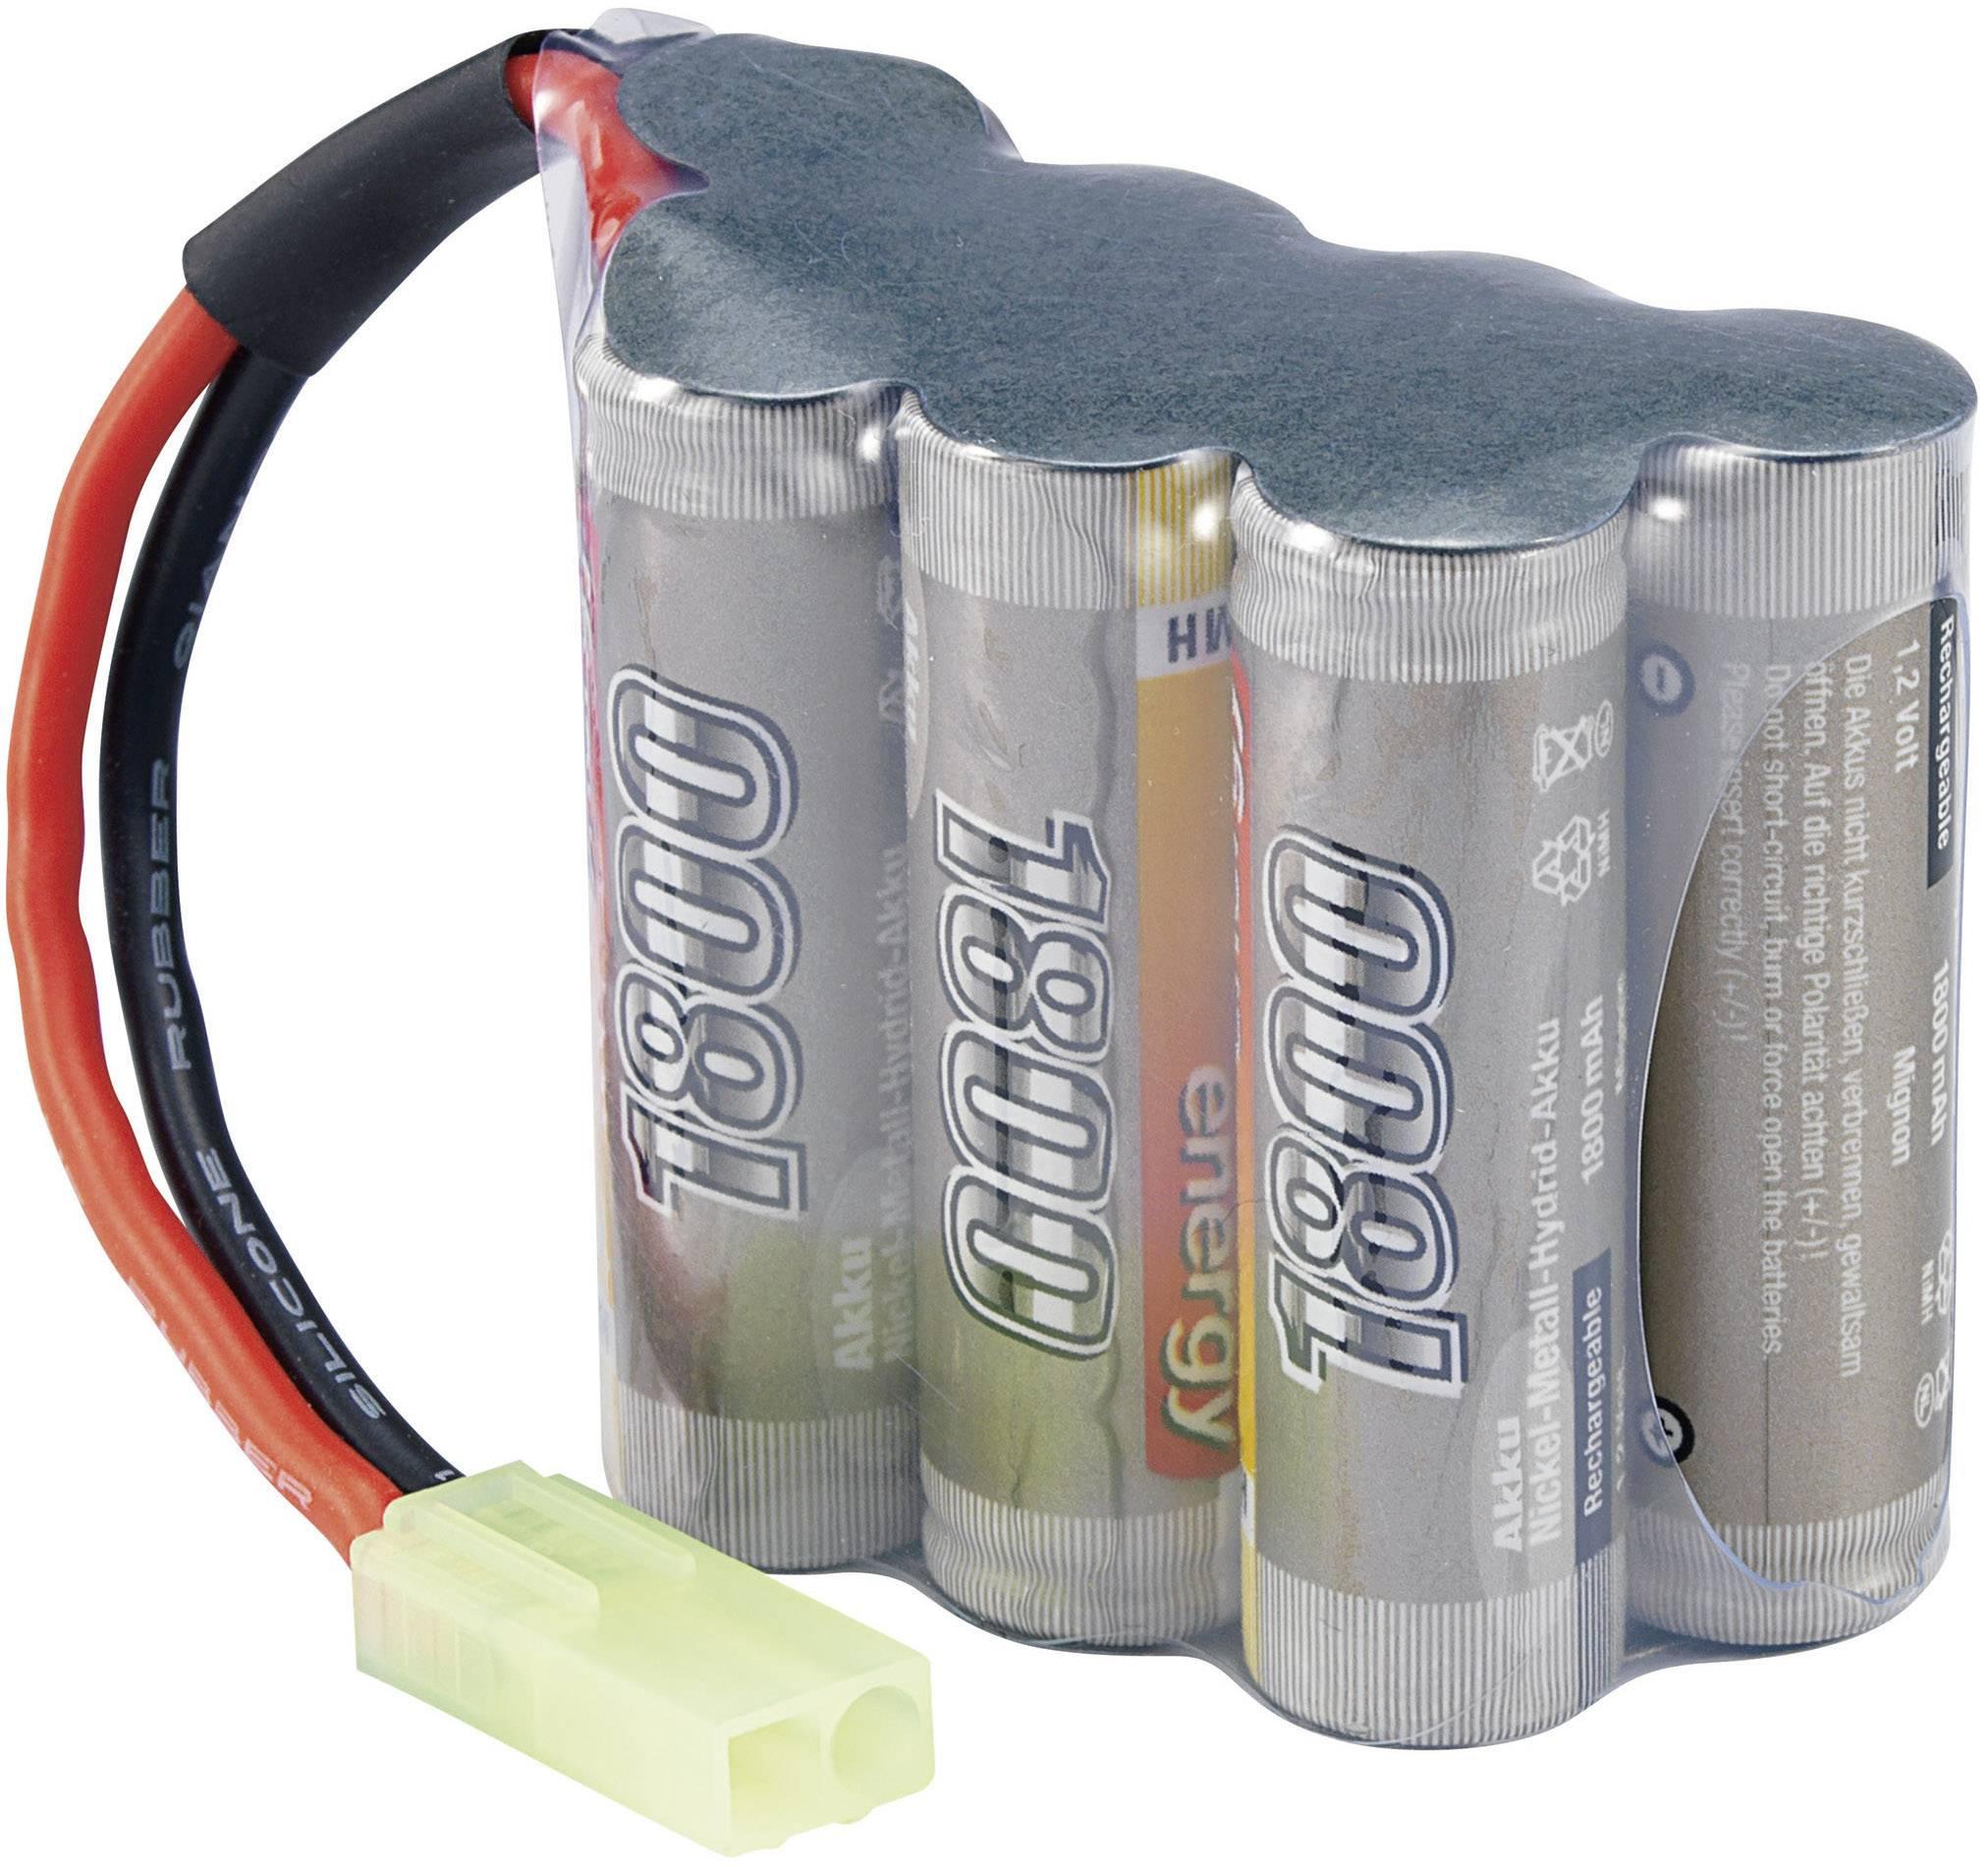 Akupack NiMH Conrad energy 206059, 8.4 V, 1800 mAh